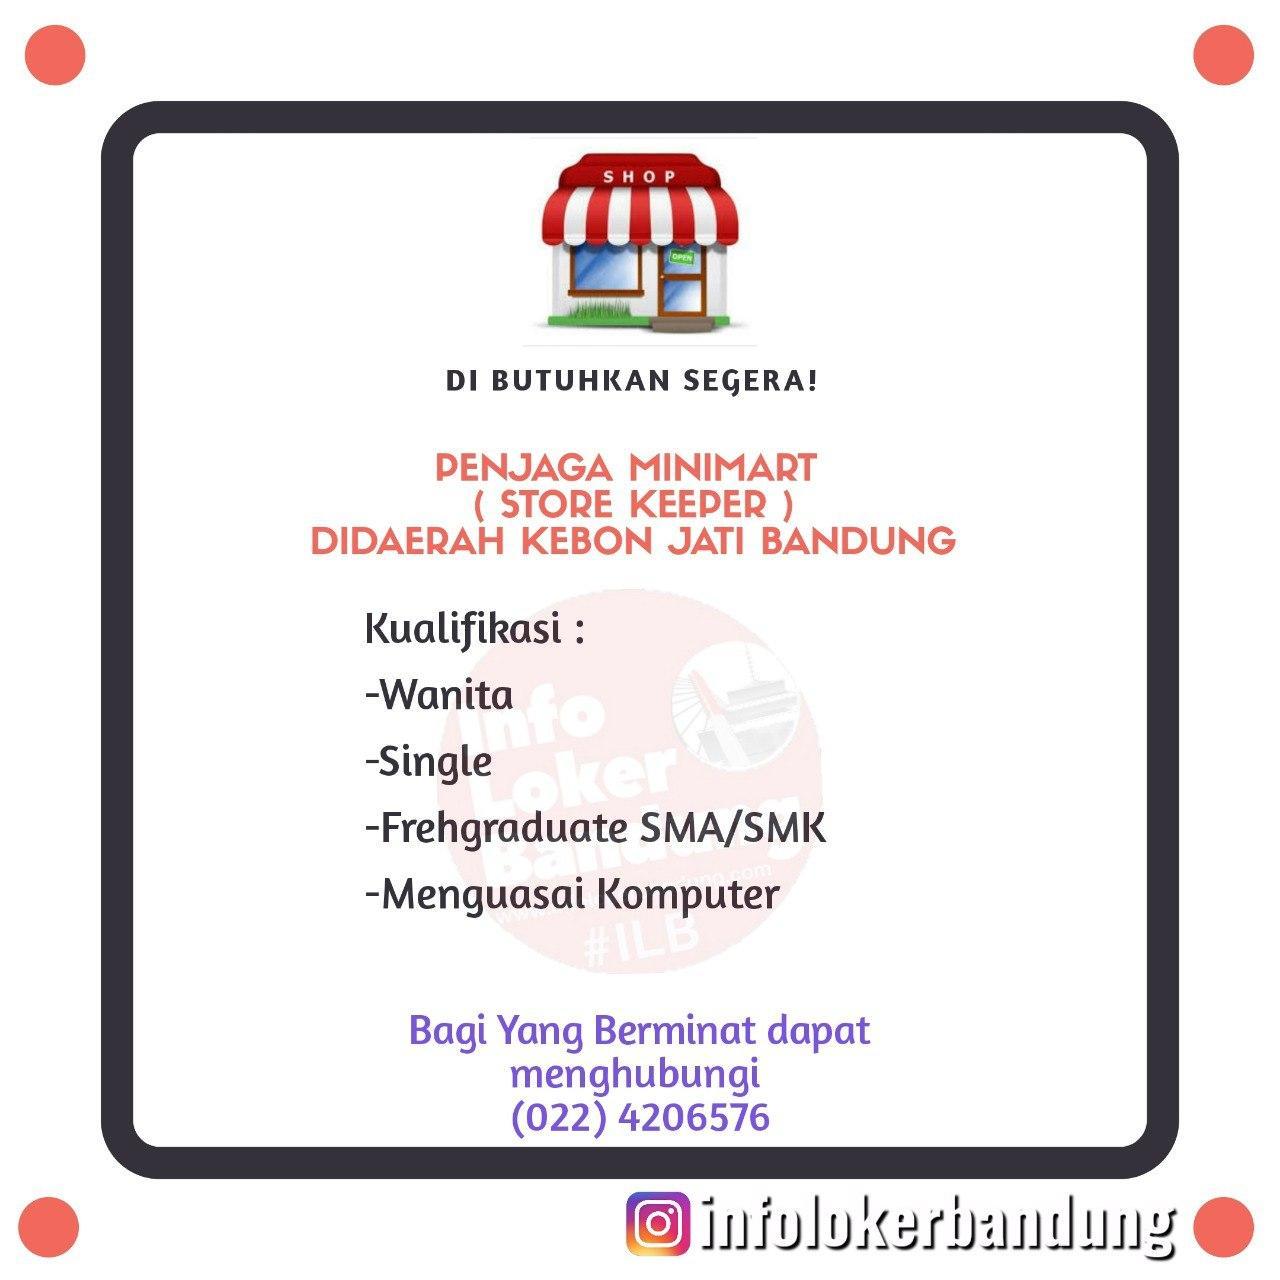 Dibutuhkan Segera Penjaga Minimart (Store Keeper) di Daerah Kebon Jati Bandung Juni 2020